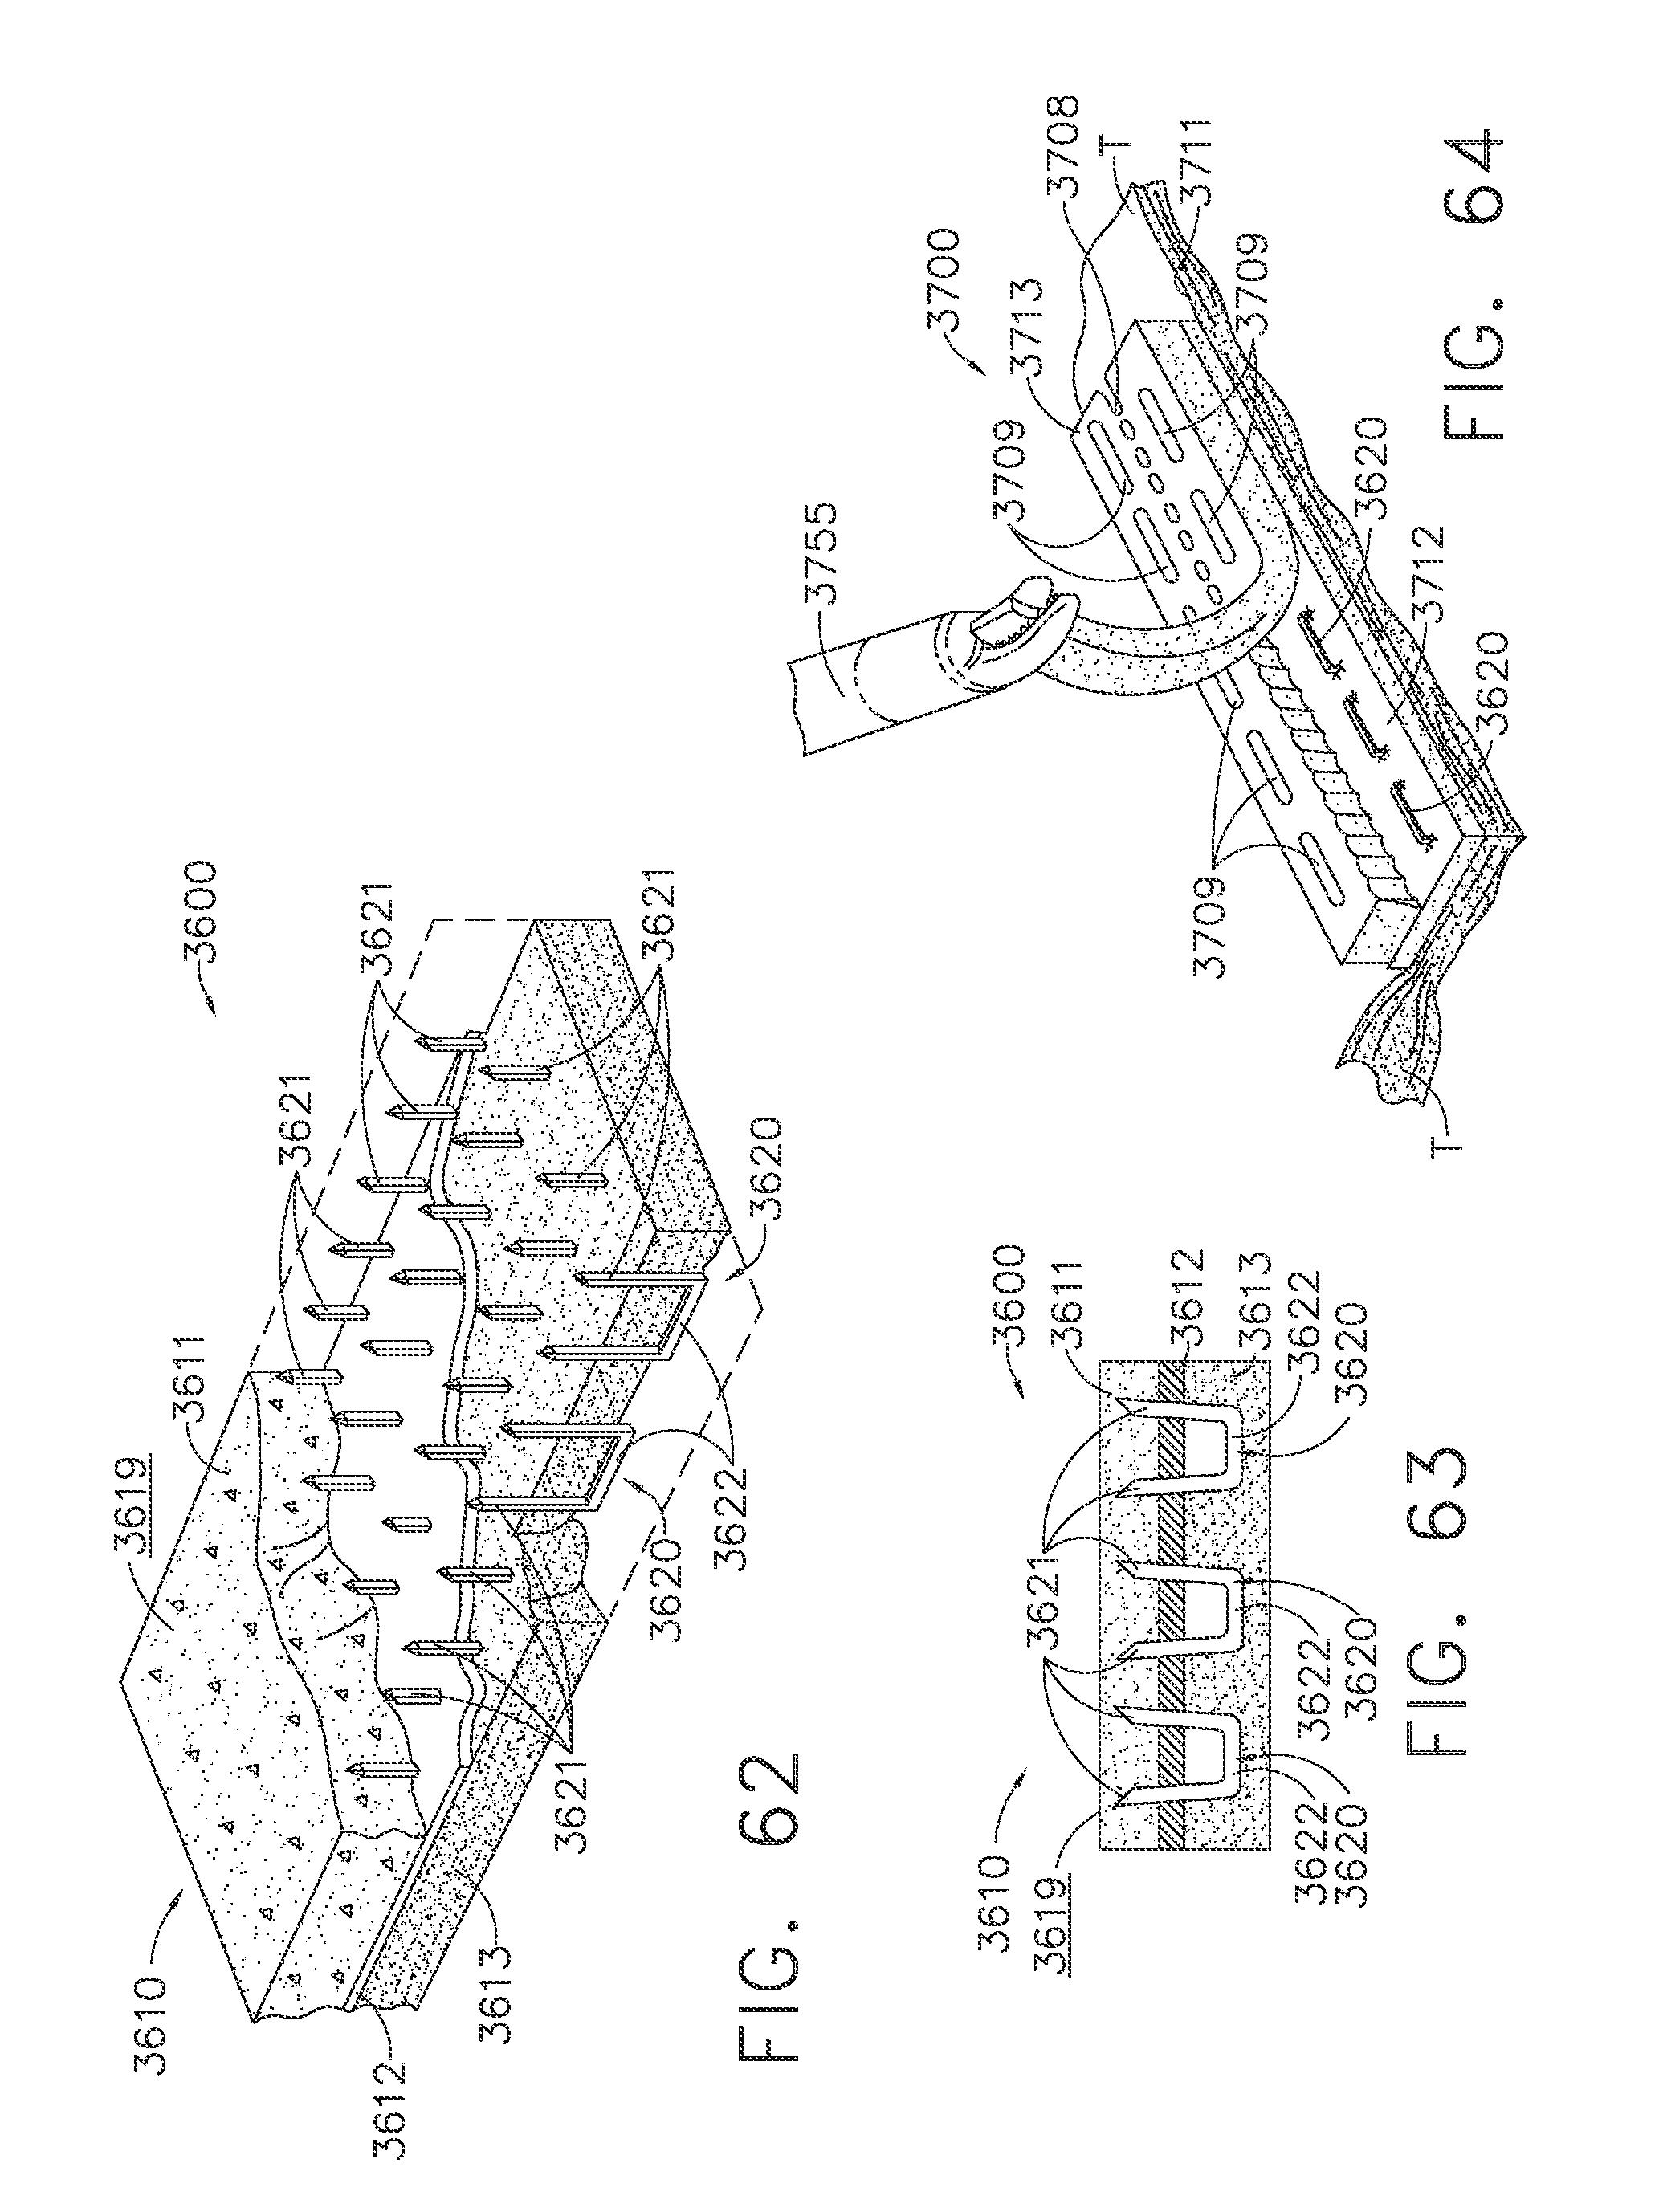 1976 bmw 2002 wiring diagram schematic starion wiring diagrams e2 wiring diagram  starion wiring diagrams e2 wiring diagram